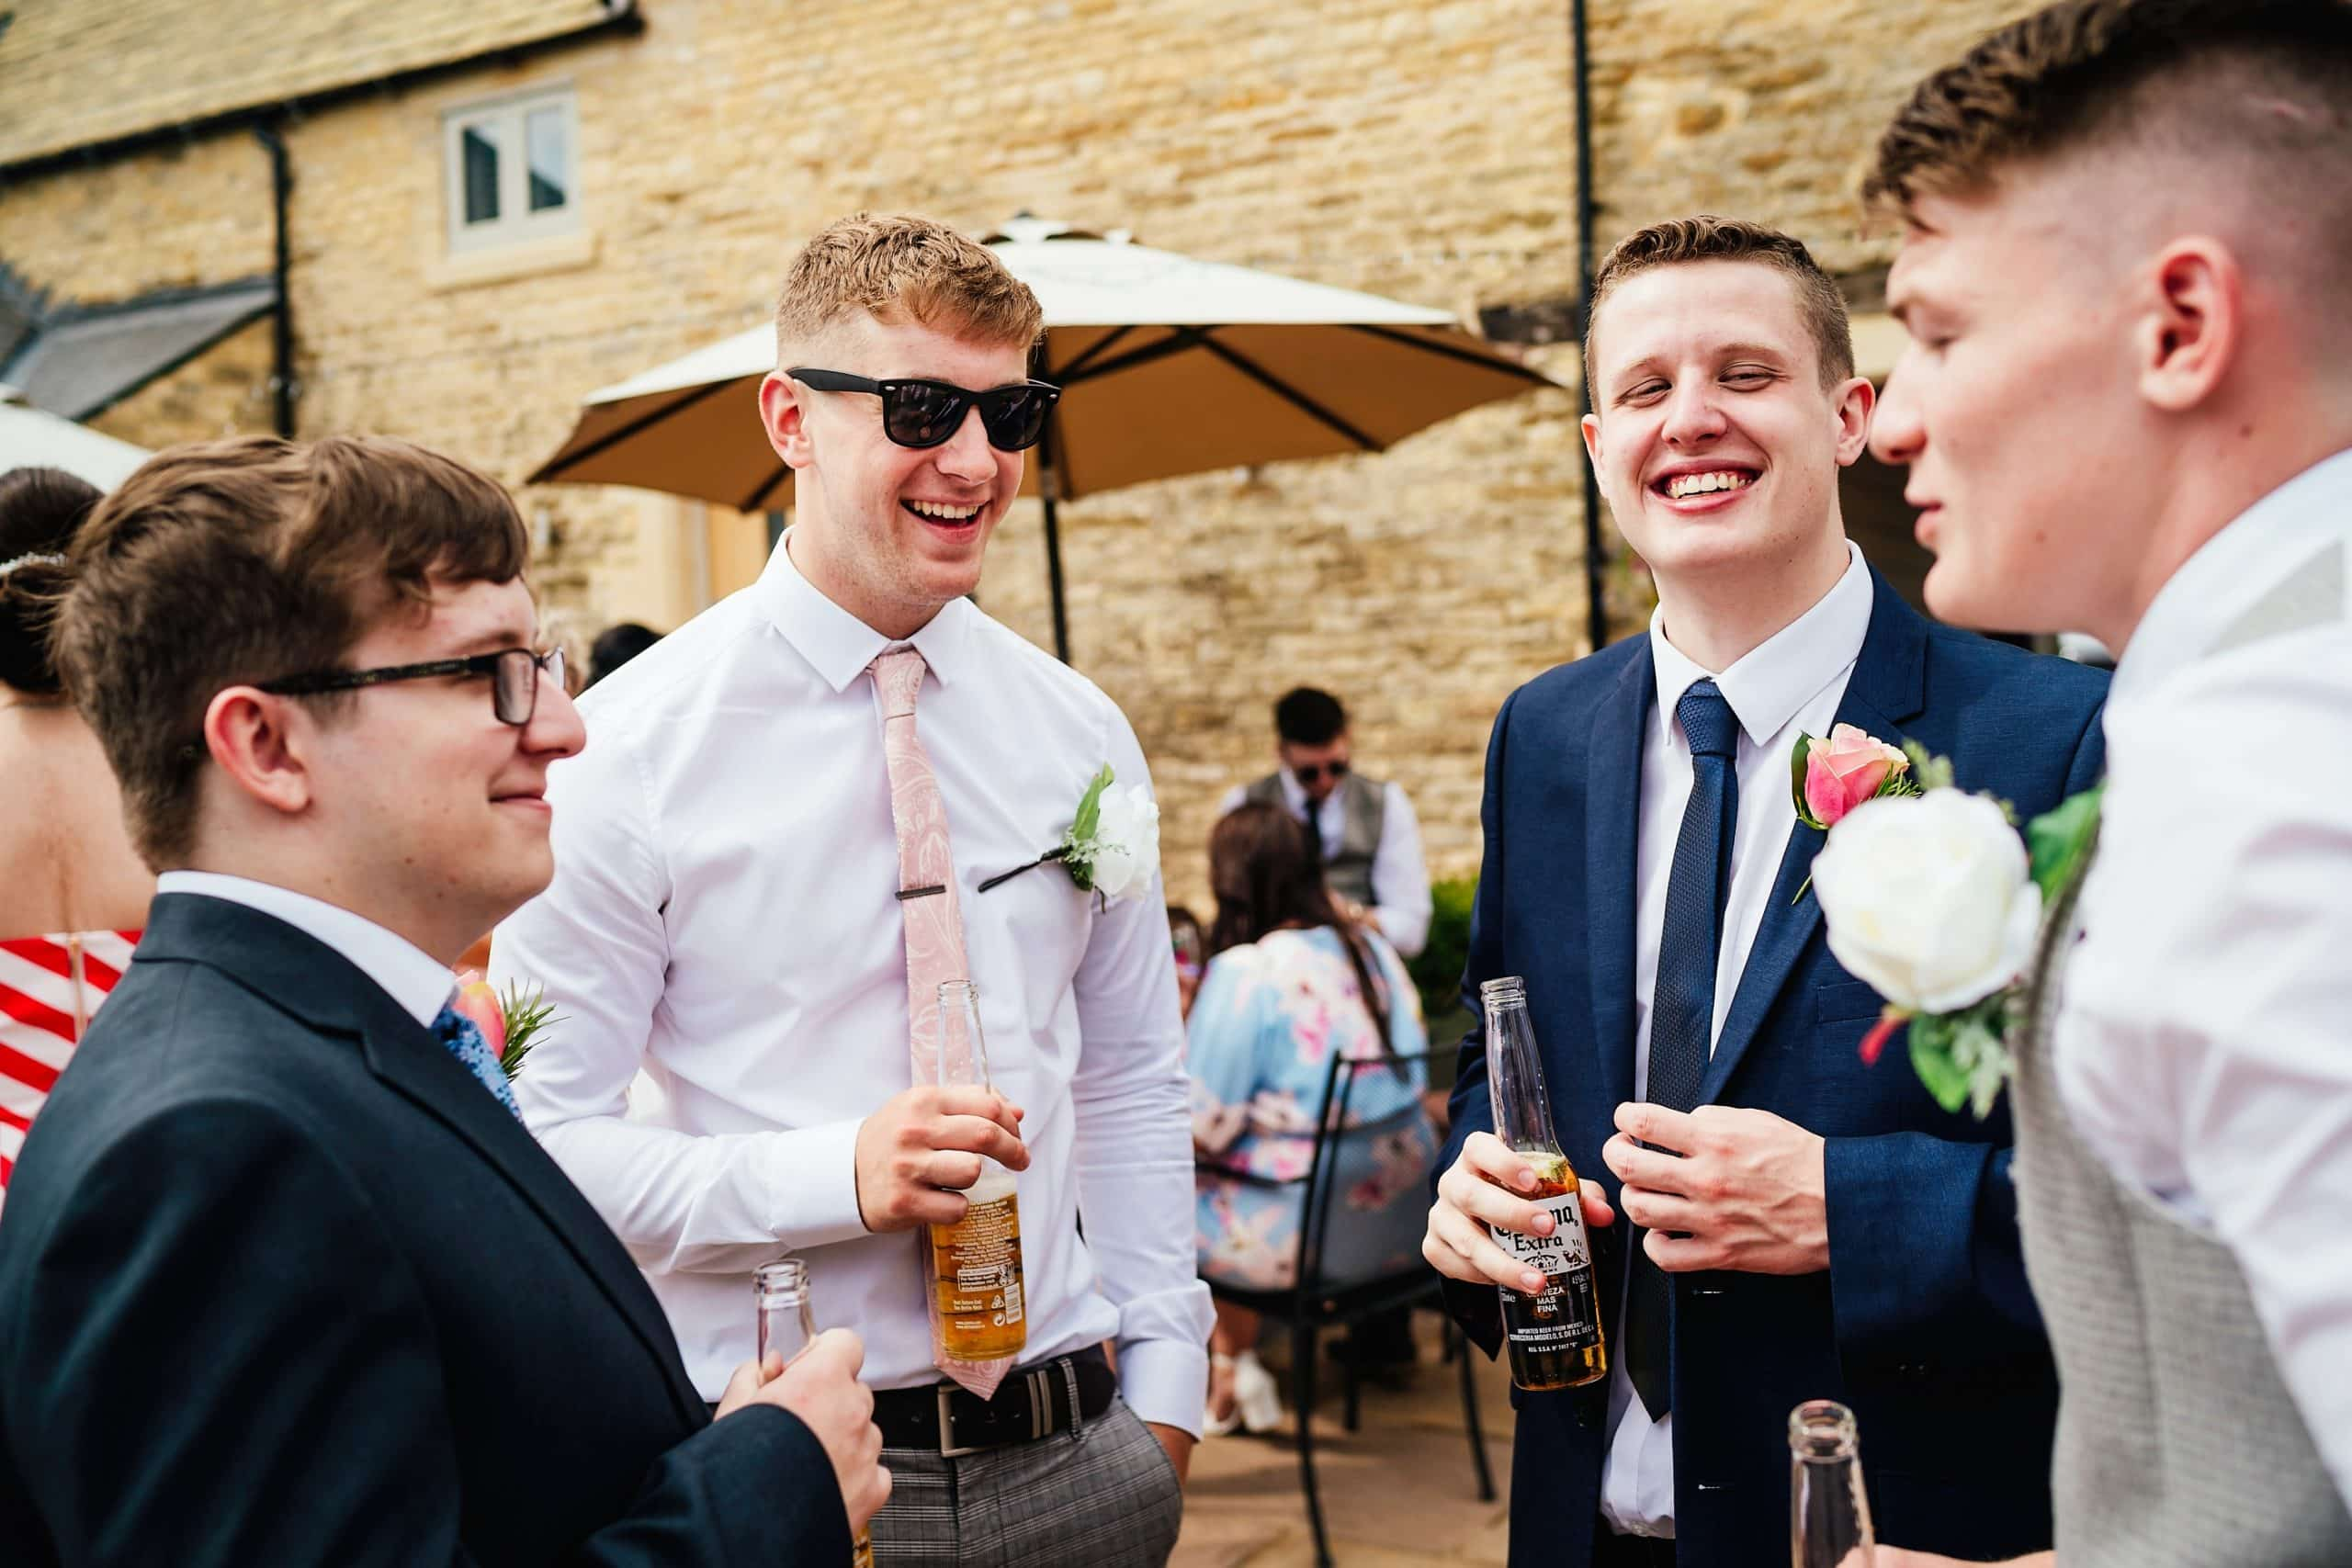 normanton-church-wedding-photography-21